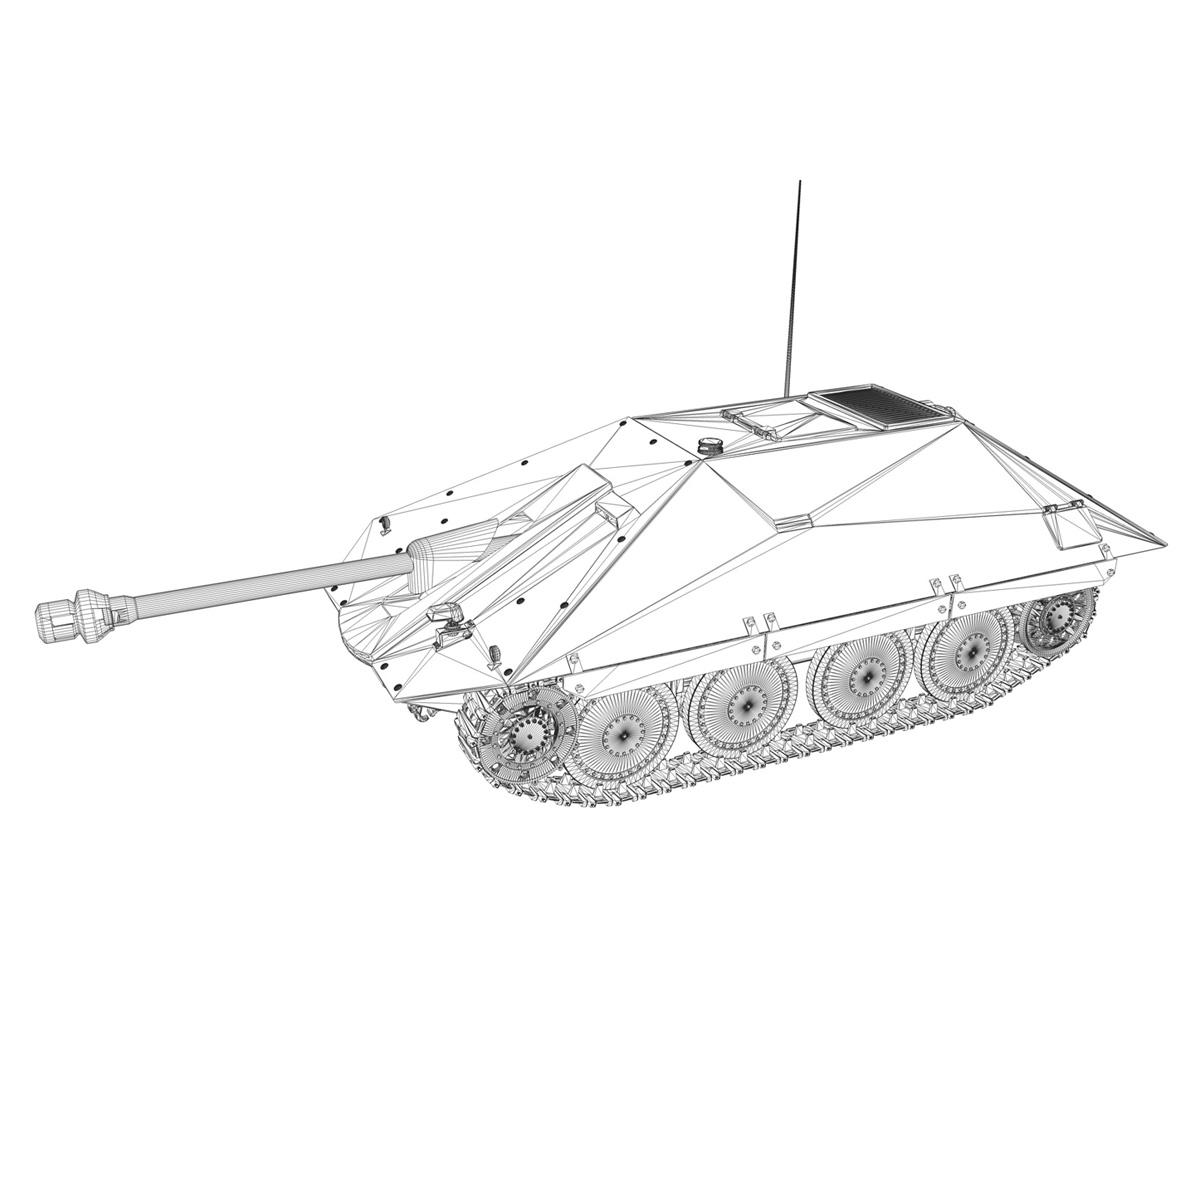 maresal m05 – romanian tank destroyer 3d model 3ds fbx c4d lwo obj 278114